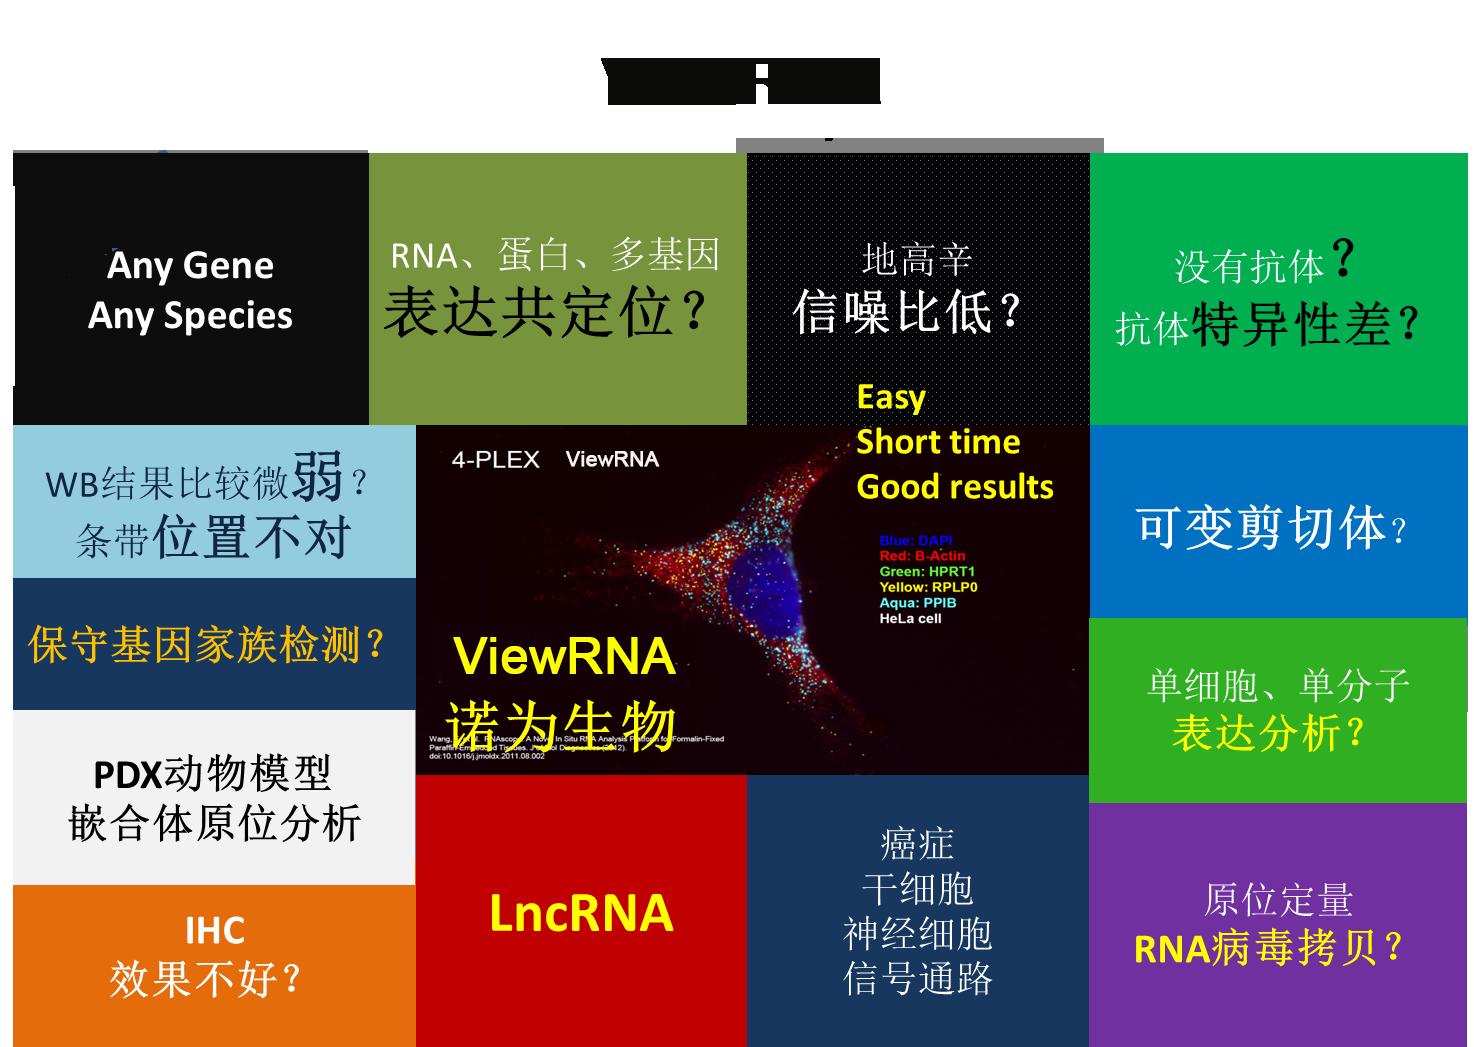 ViewRNA.png